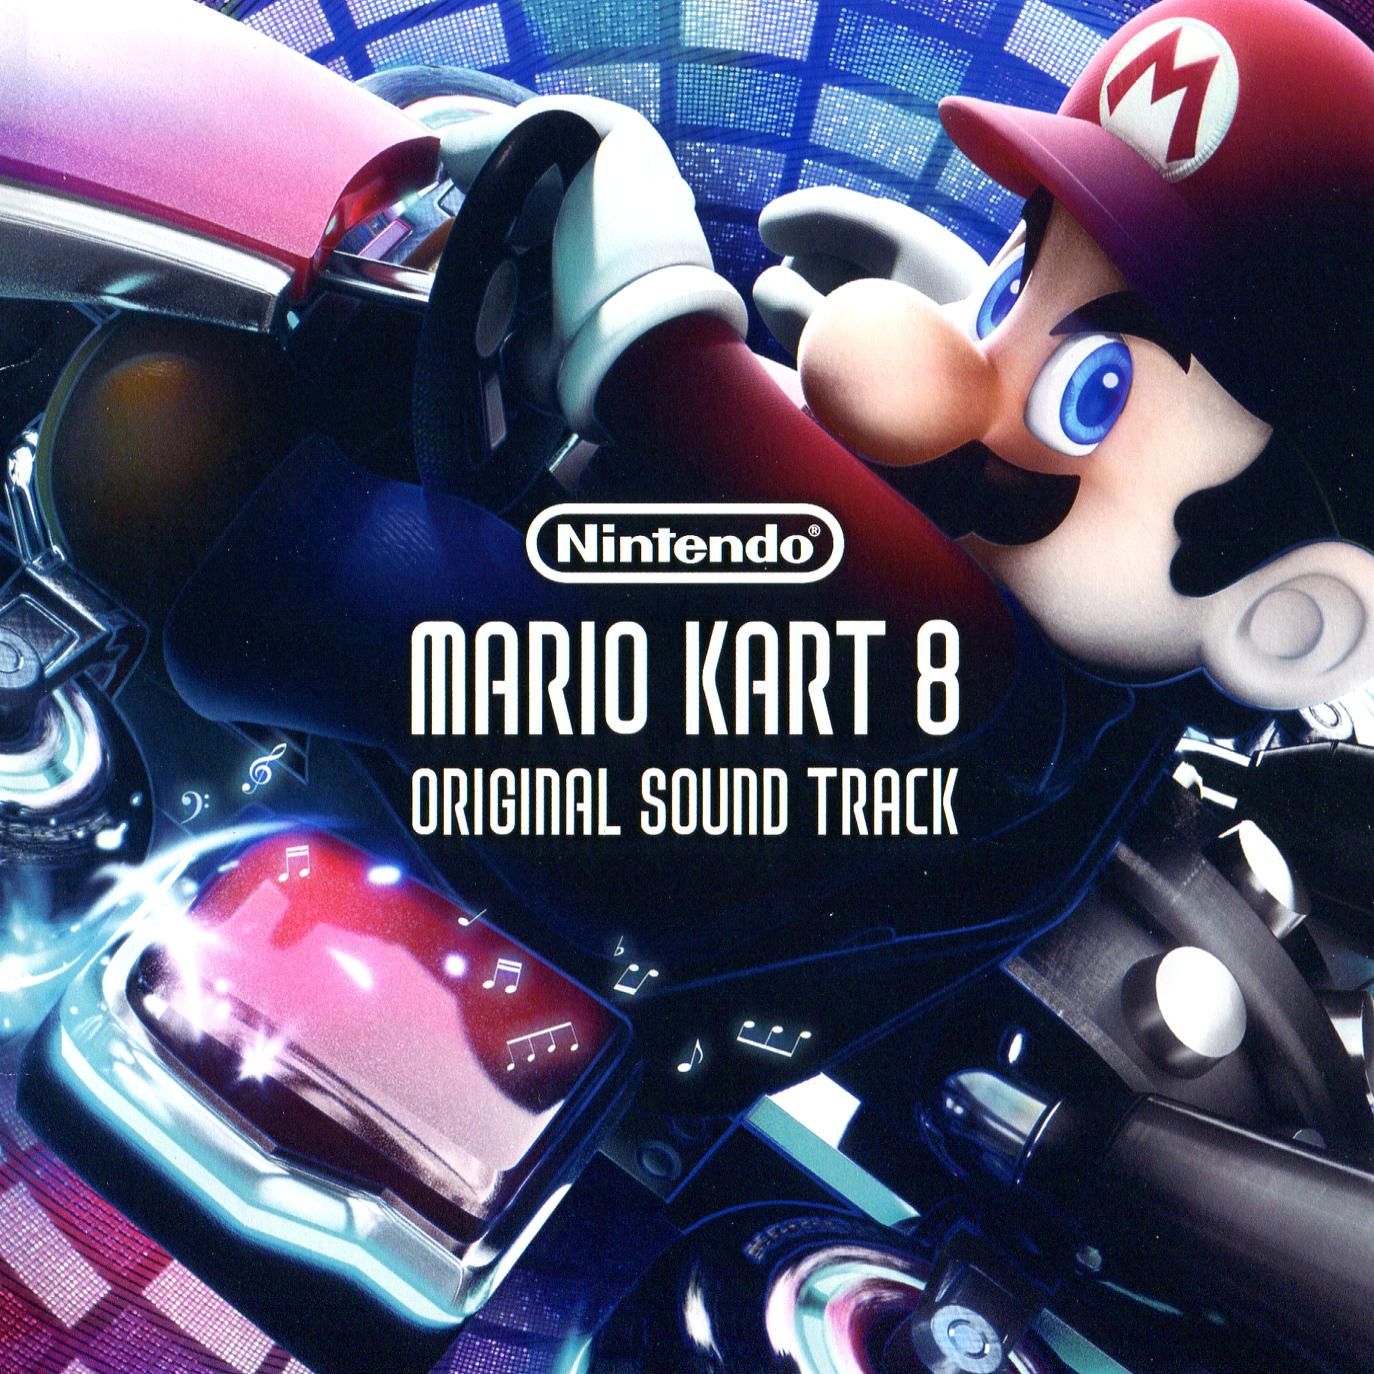 Mario Kart 8 Original Sound Track